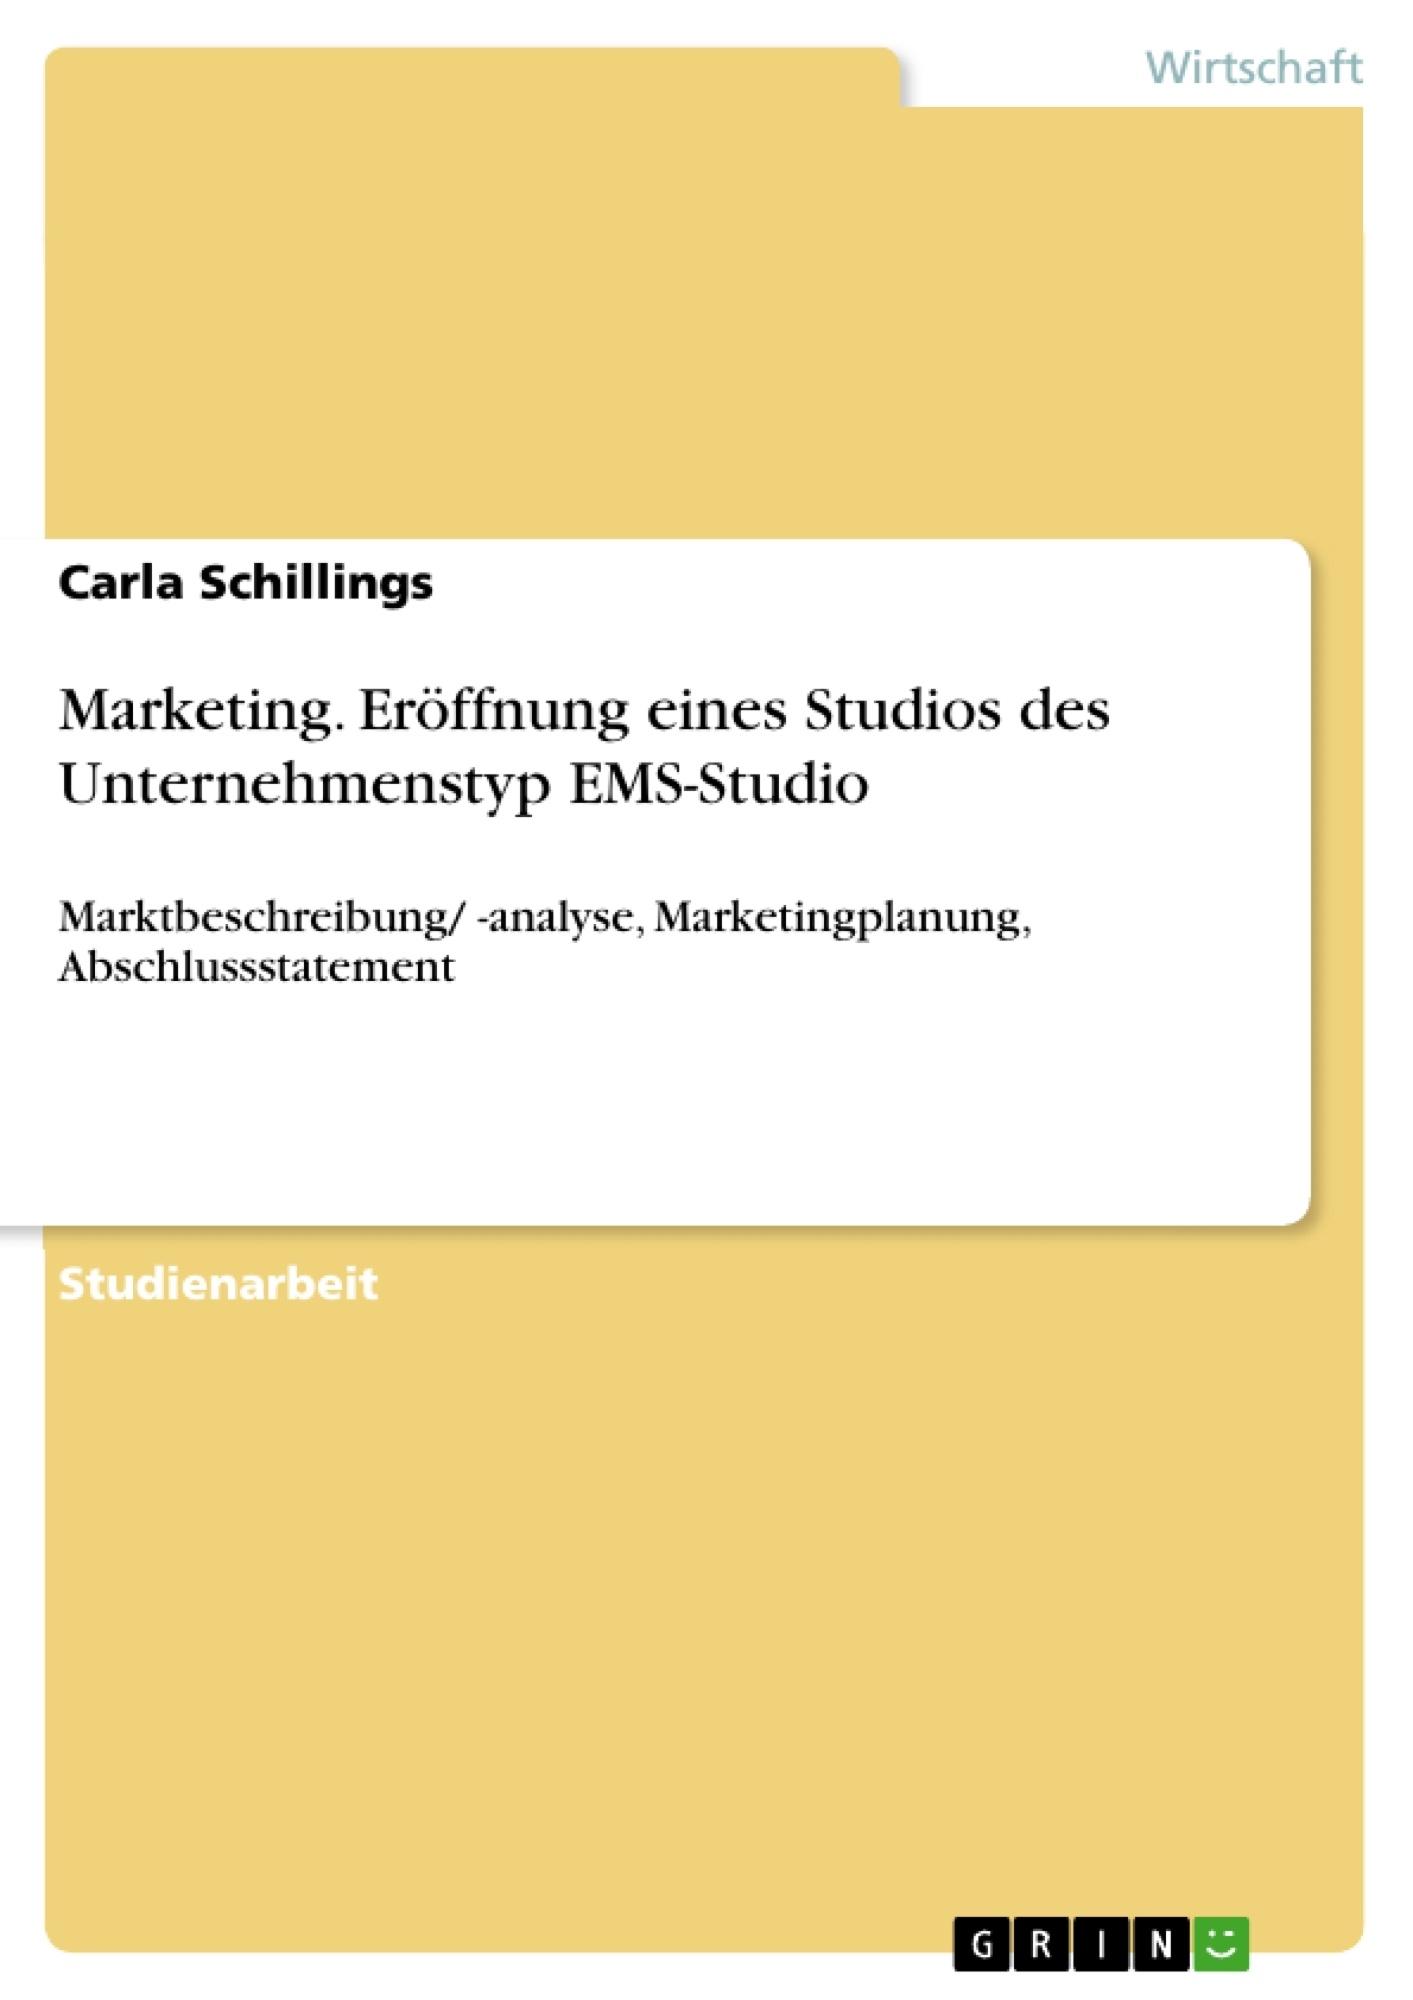 Titel: Marketing. Eröffnung eines Studios des Unternehmenstyp EMS-Studio